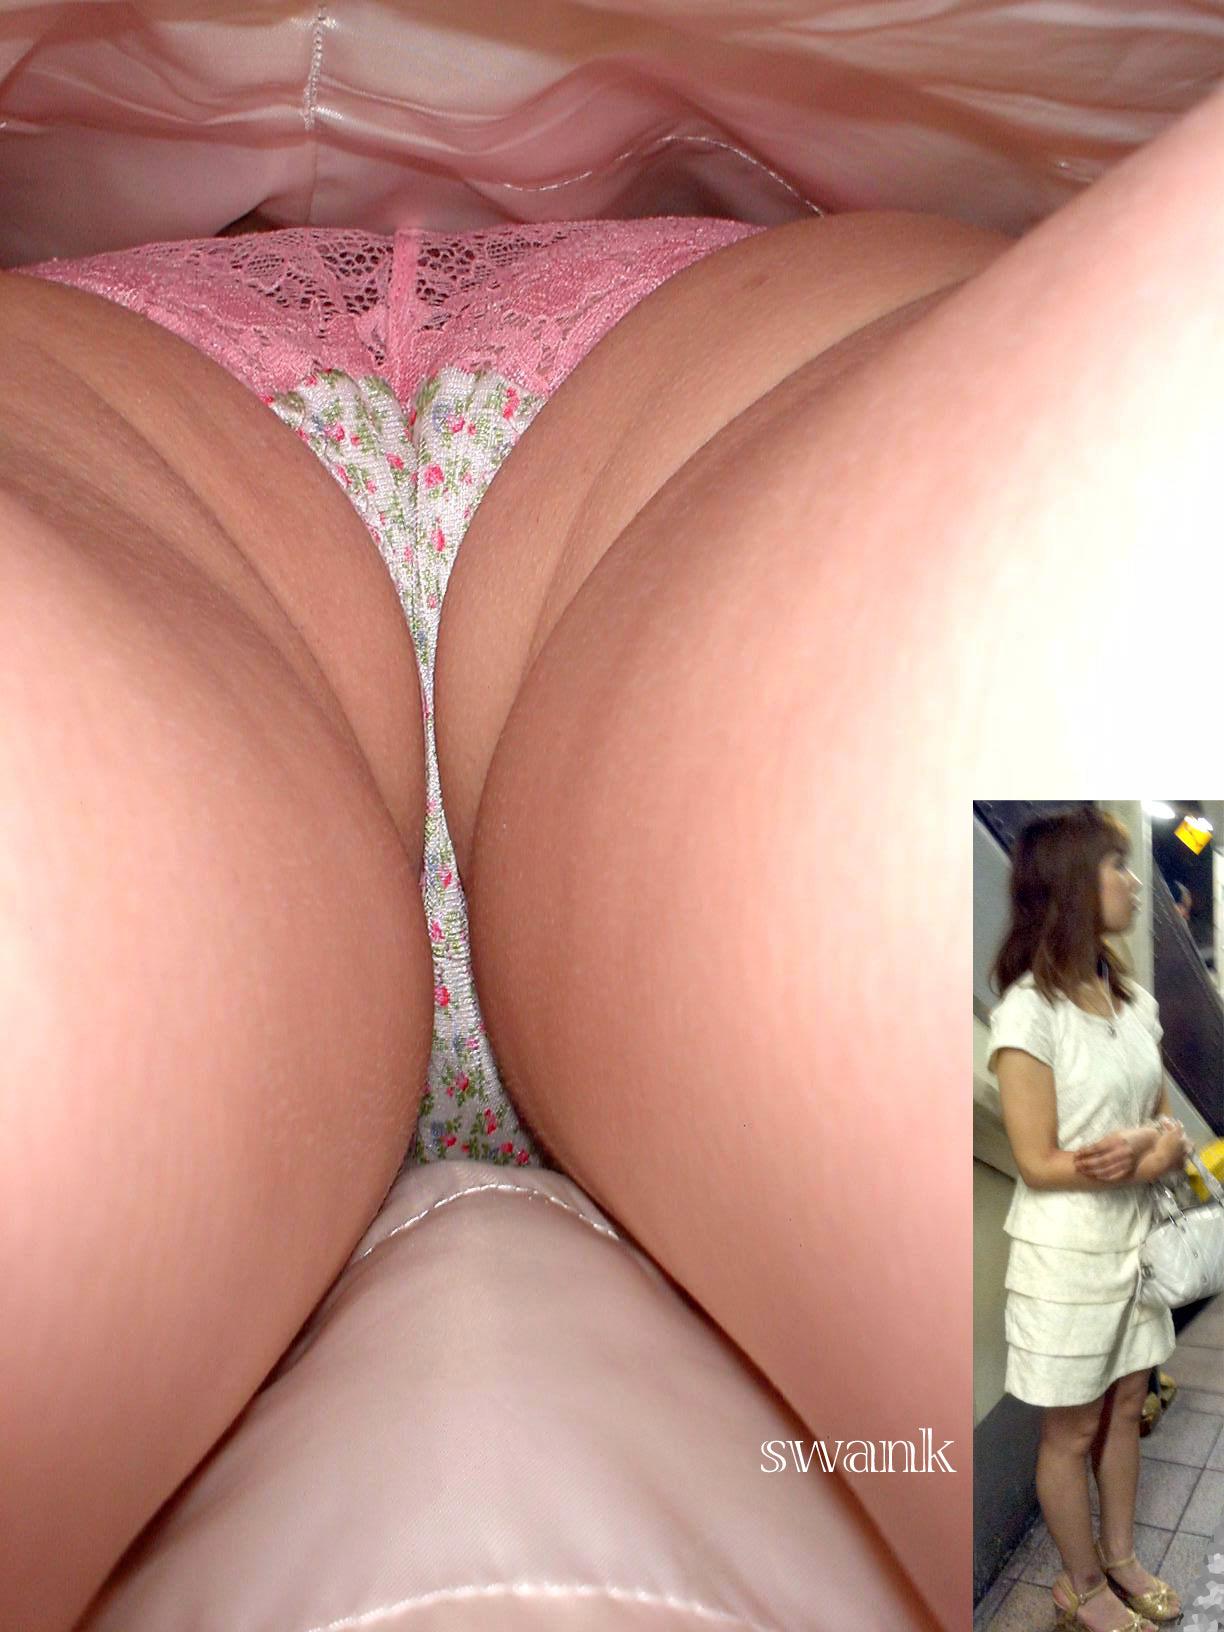 【パンチラエロ画像】お尻の色も目立つ原因wド派手パンツな女子の逆さ撮りwww 08